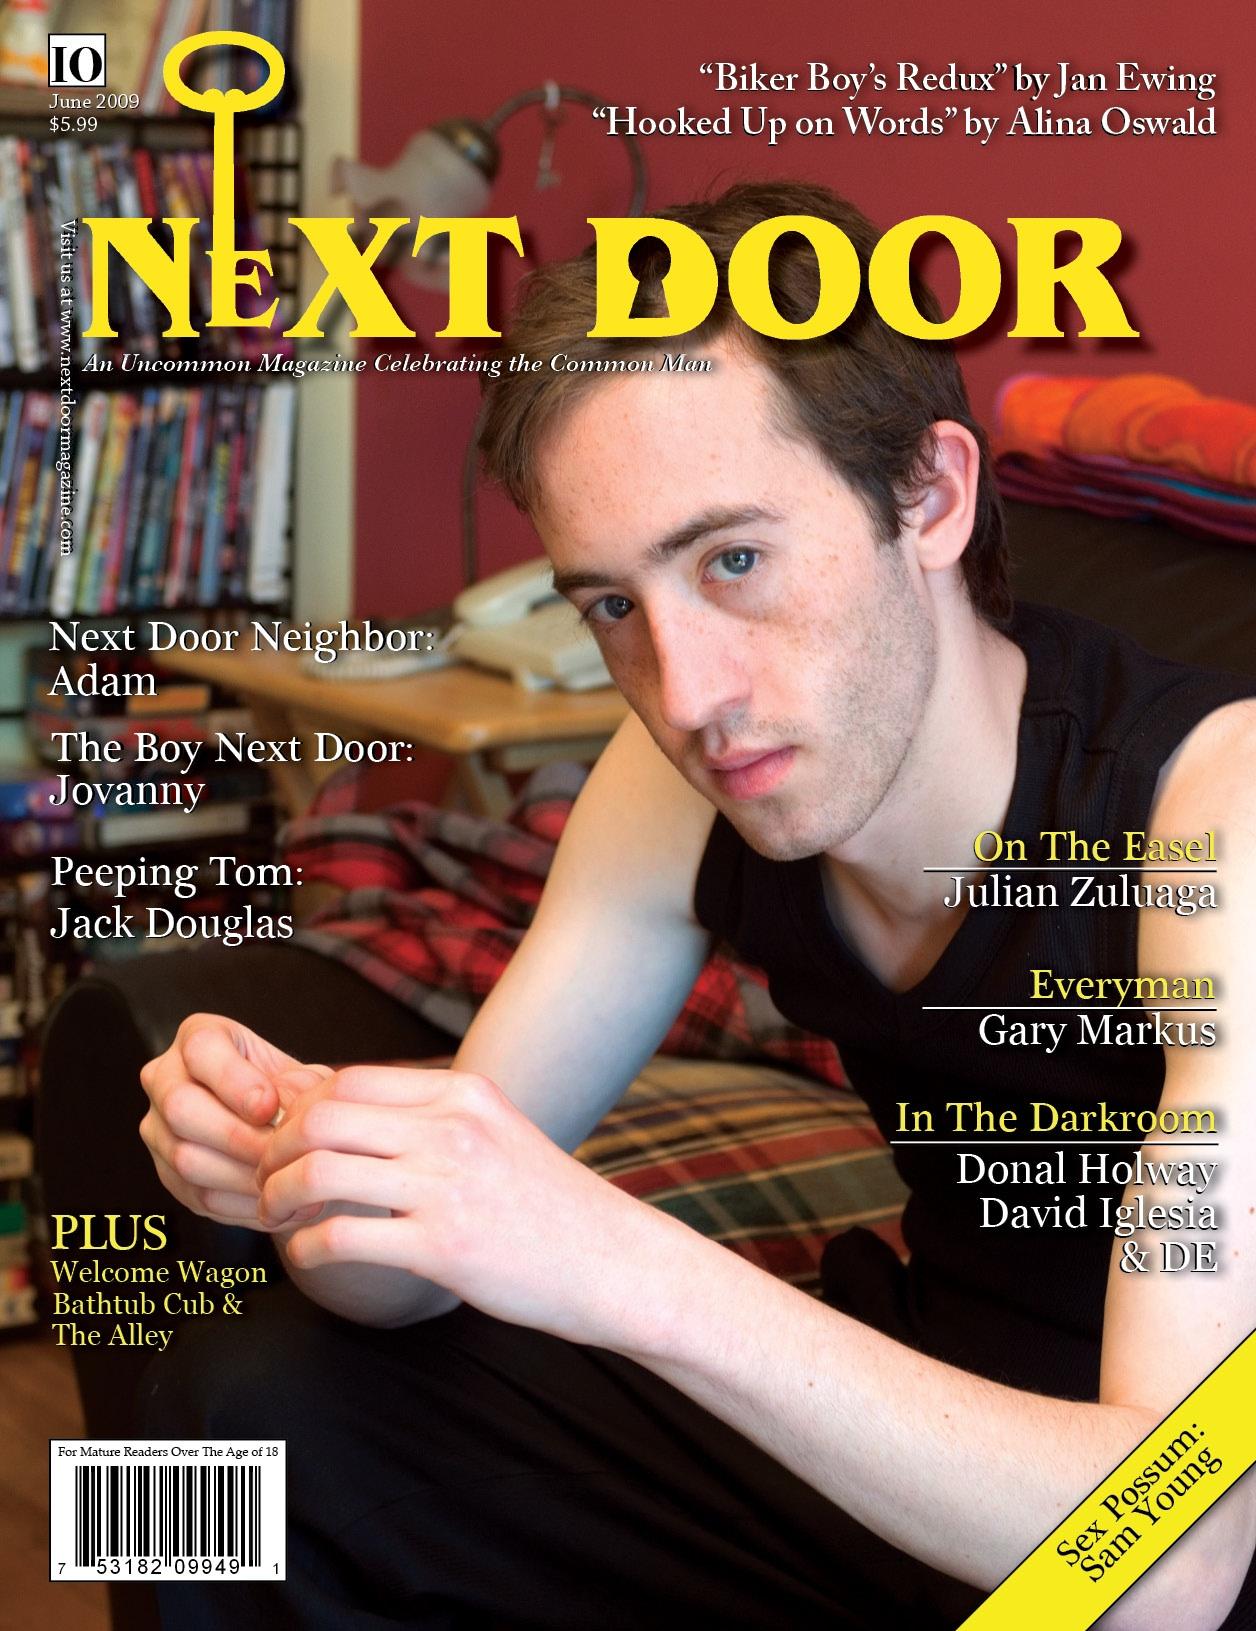 NextDoorMagazine